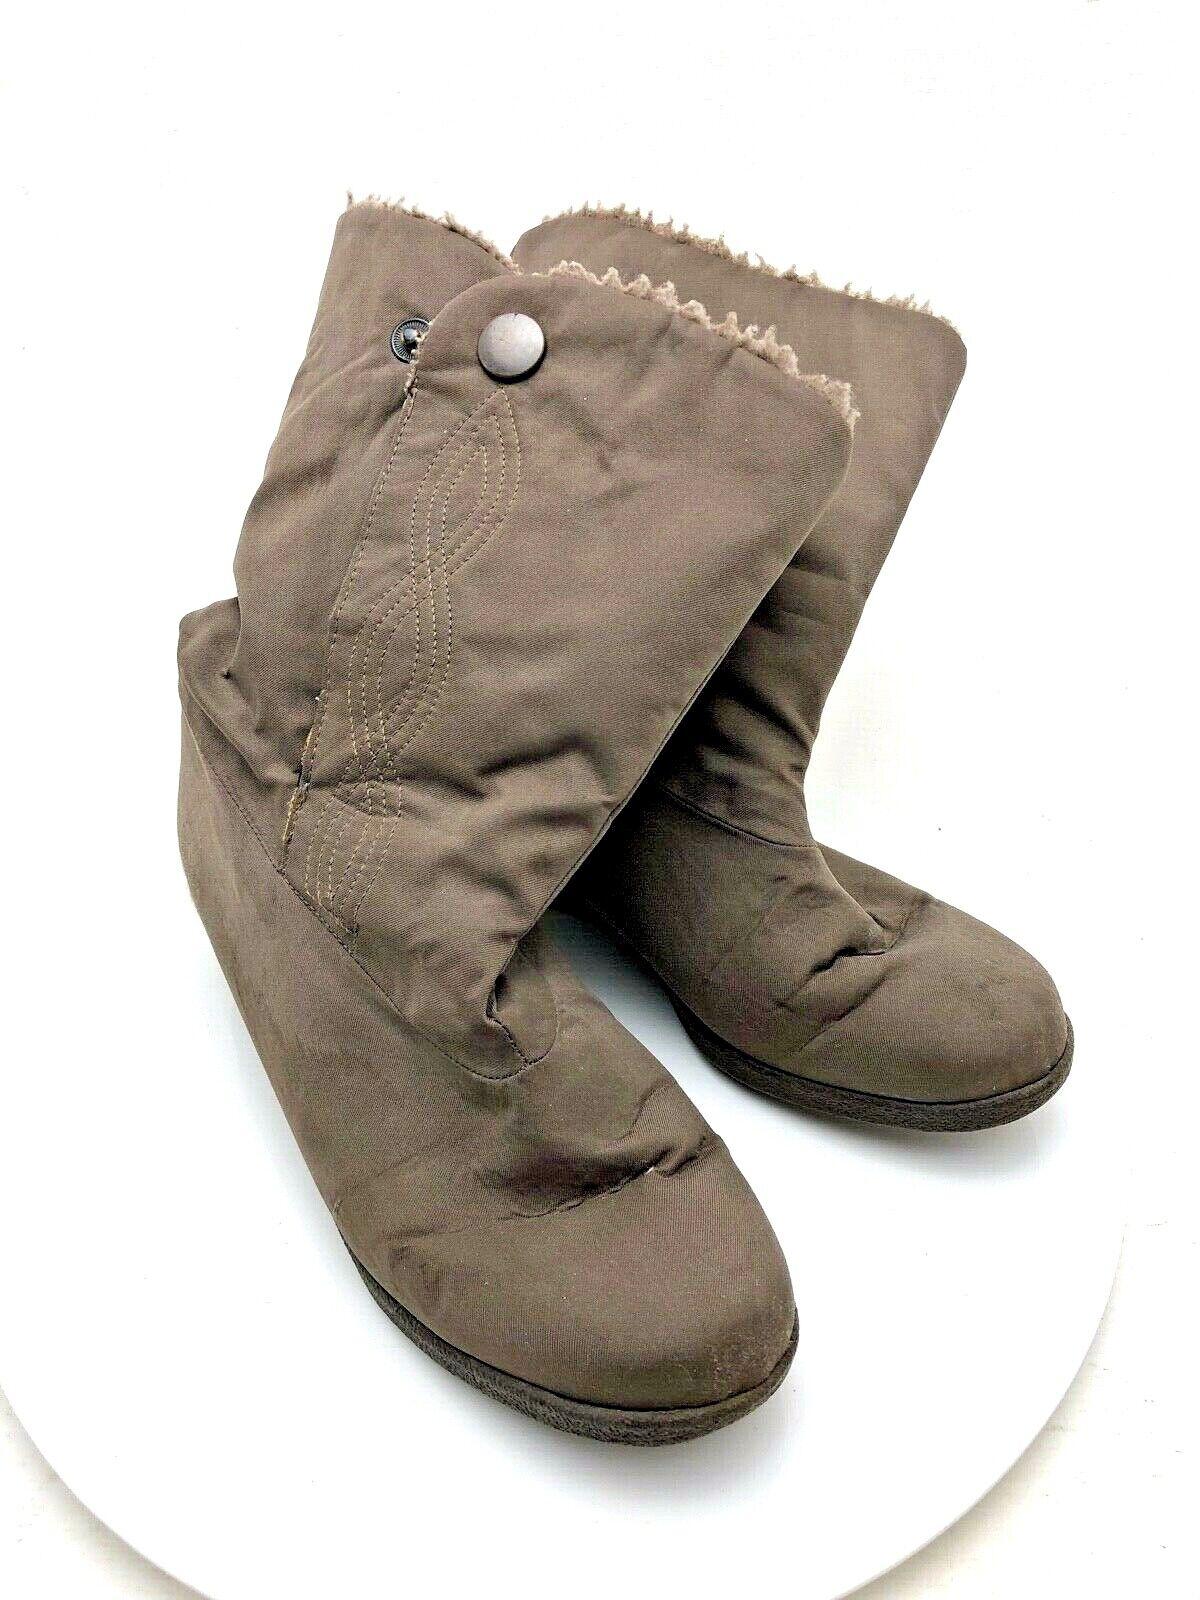 Pair of Ladies Size Clarks Waterproof UK 4 37 Comfort Boots Brown